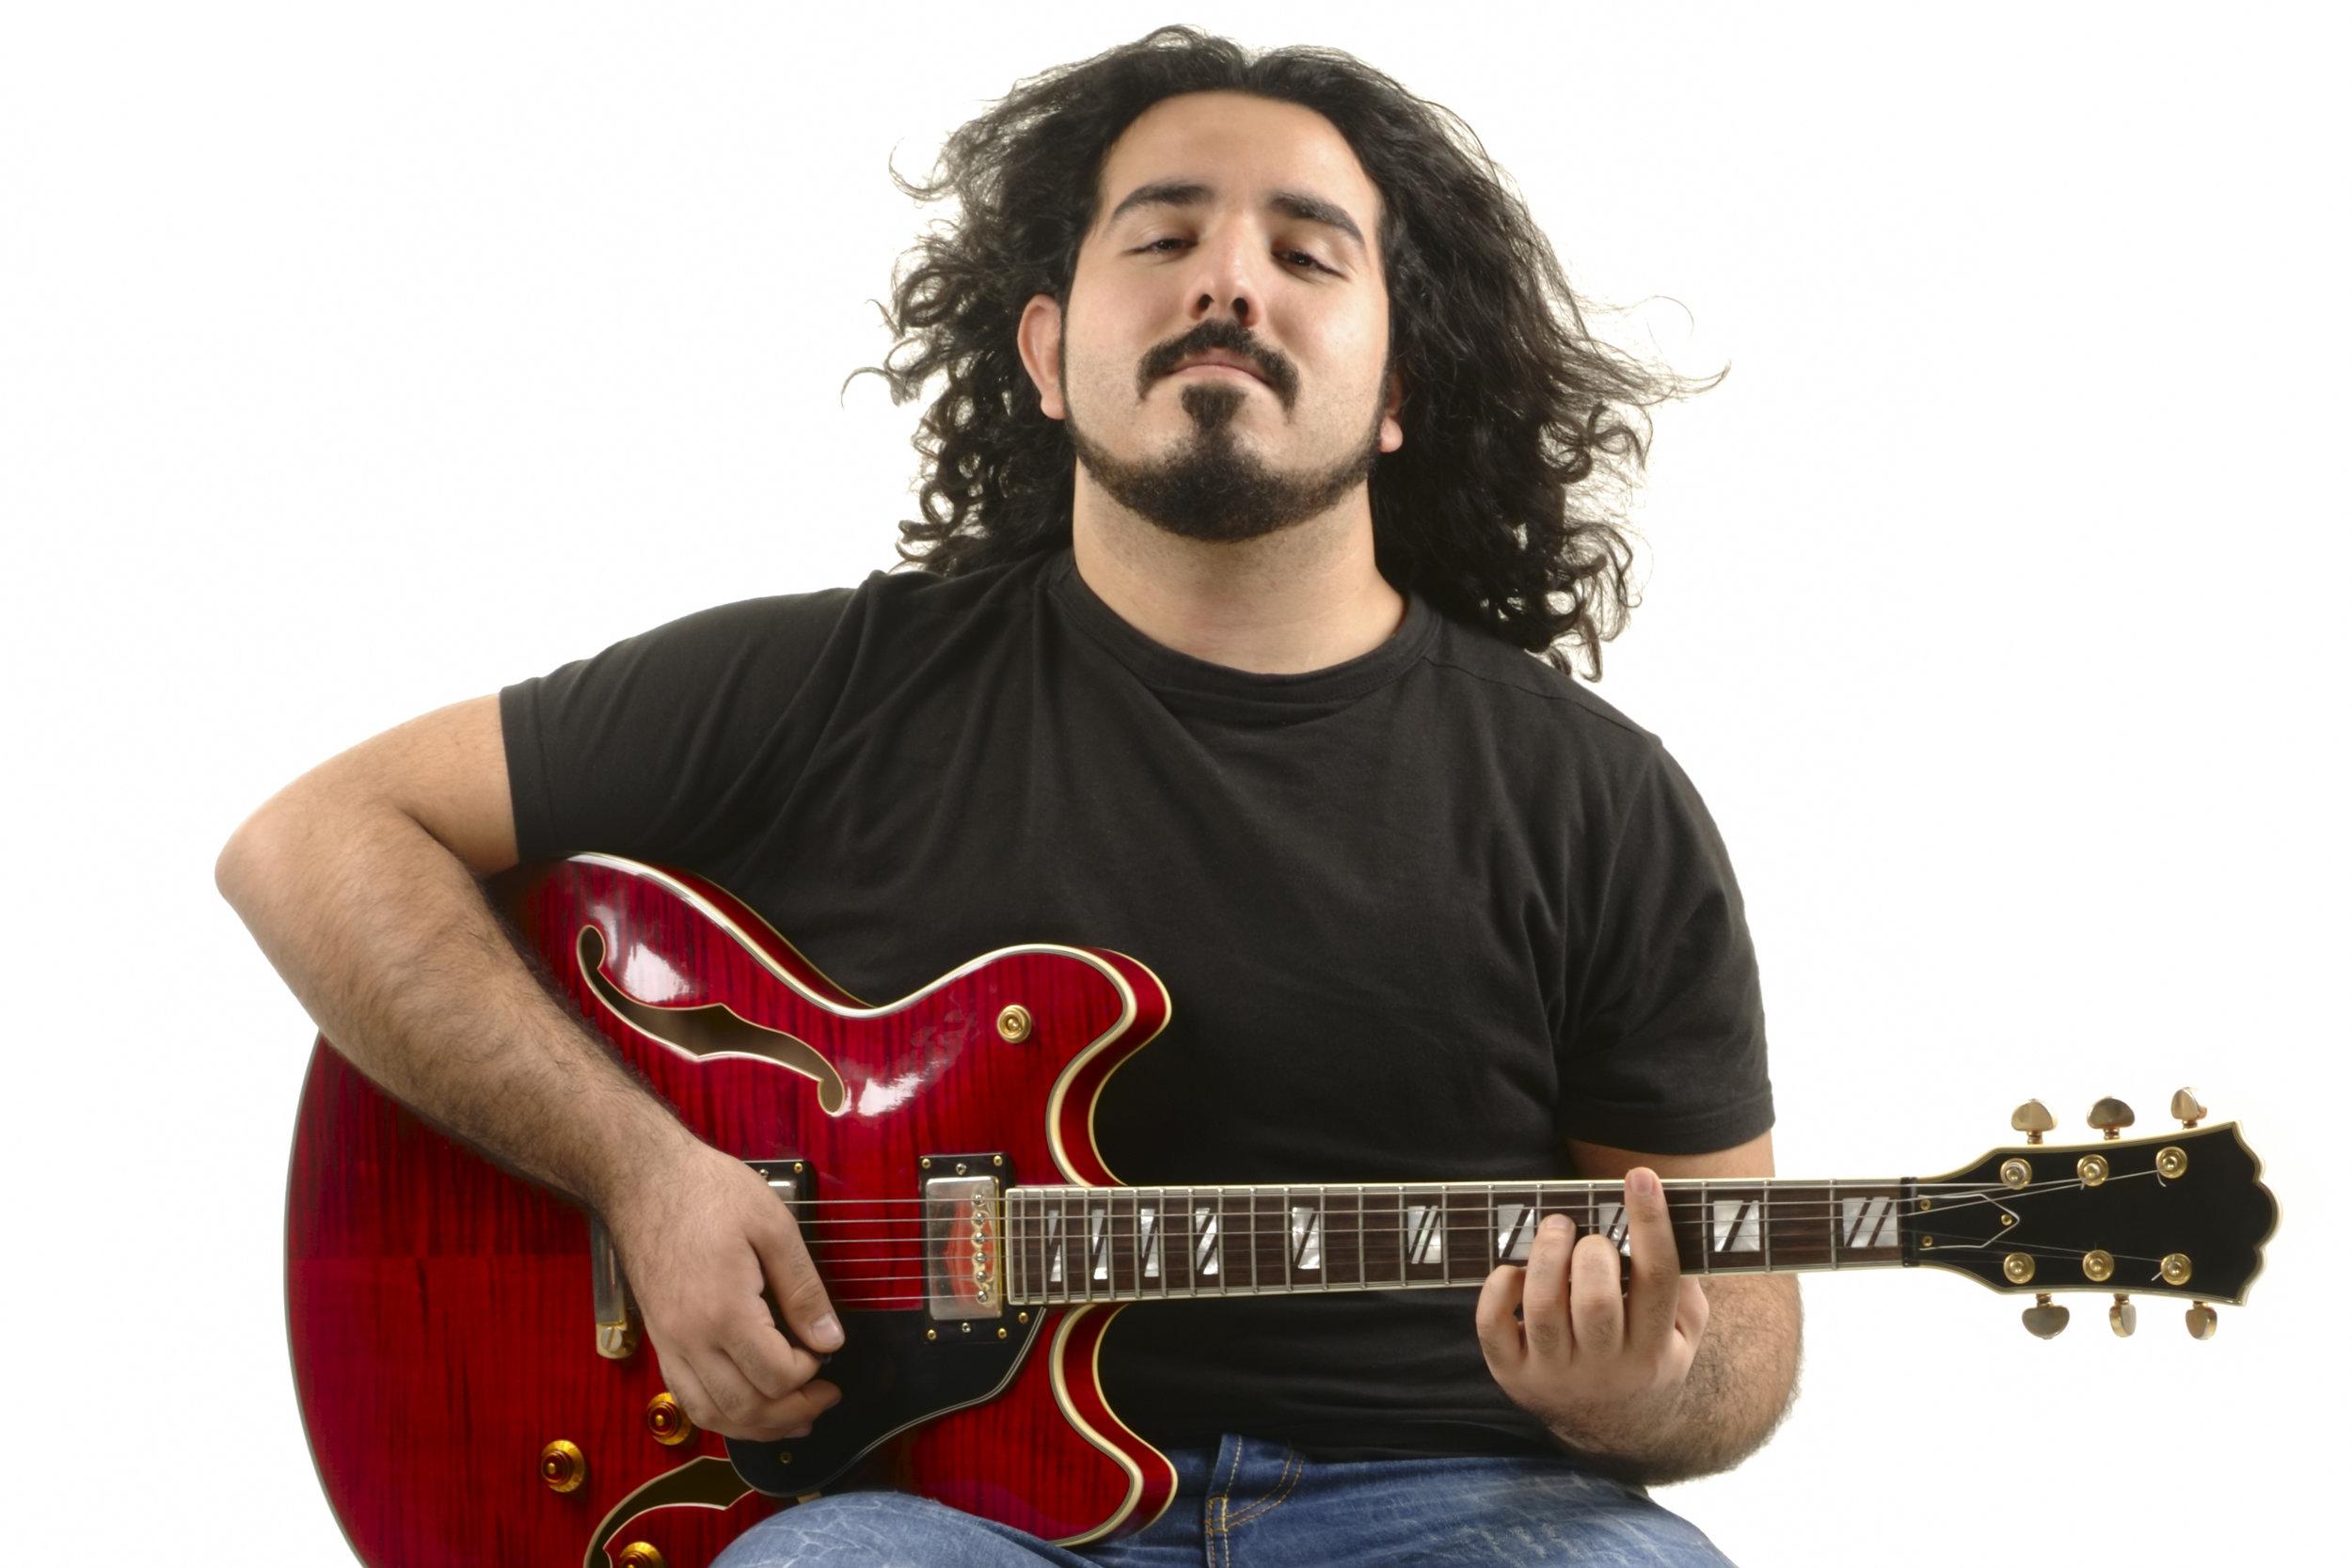 E-Gitarre_3x2.jpg